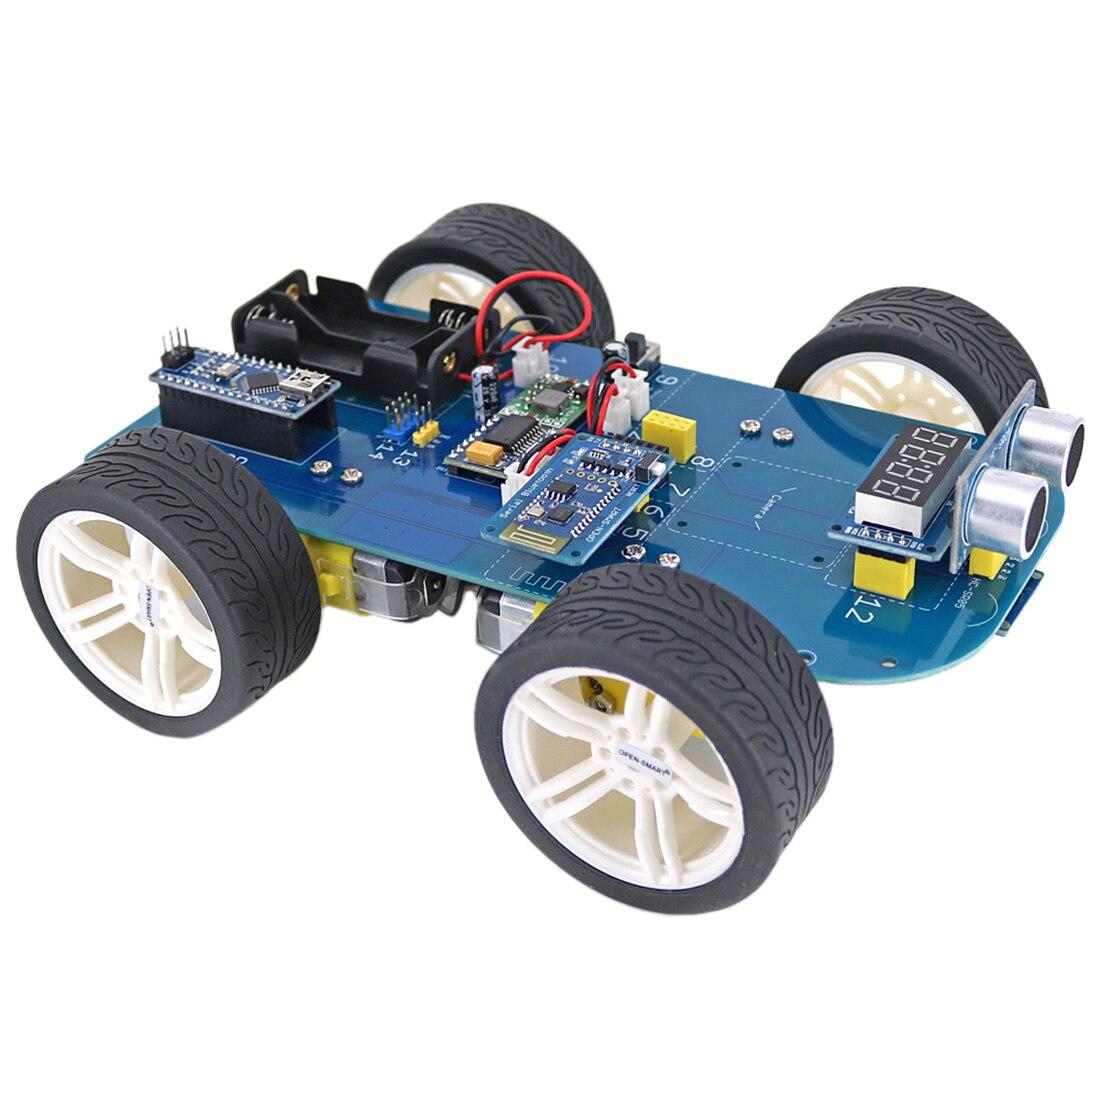 2019 ハイテクプログラマブル男の子 4WD Bluetooth スマートカーキットのための超音波と障害物回避キット + チュートリアル arduino  グループ上の おもちゃ & ホビー からの プログラム可能なおもちゃ の中 1